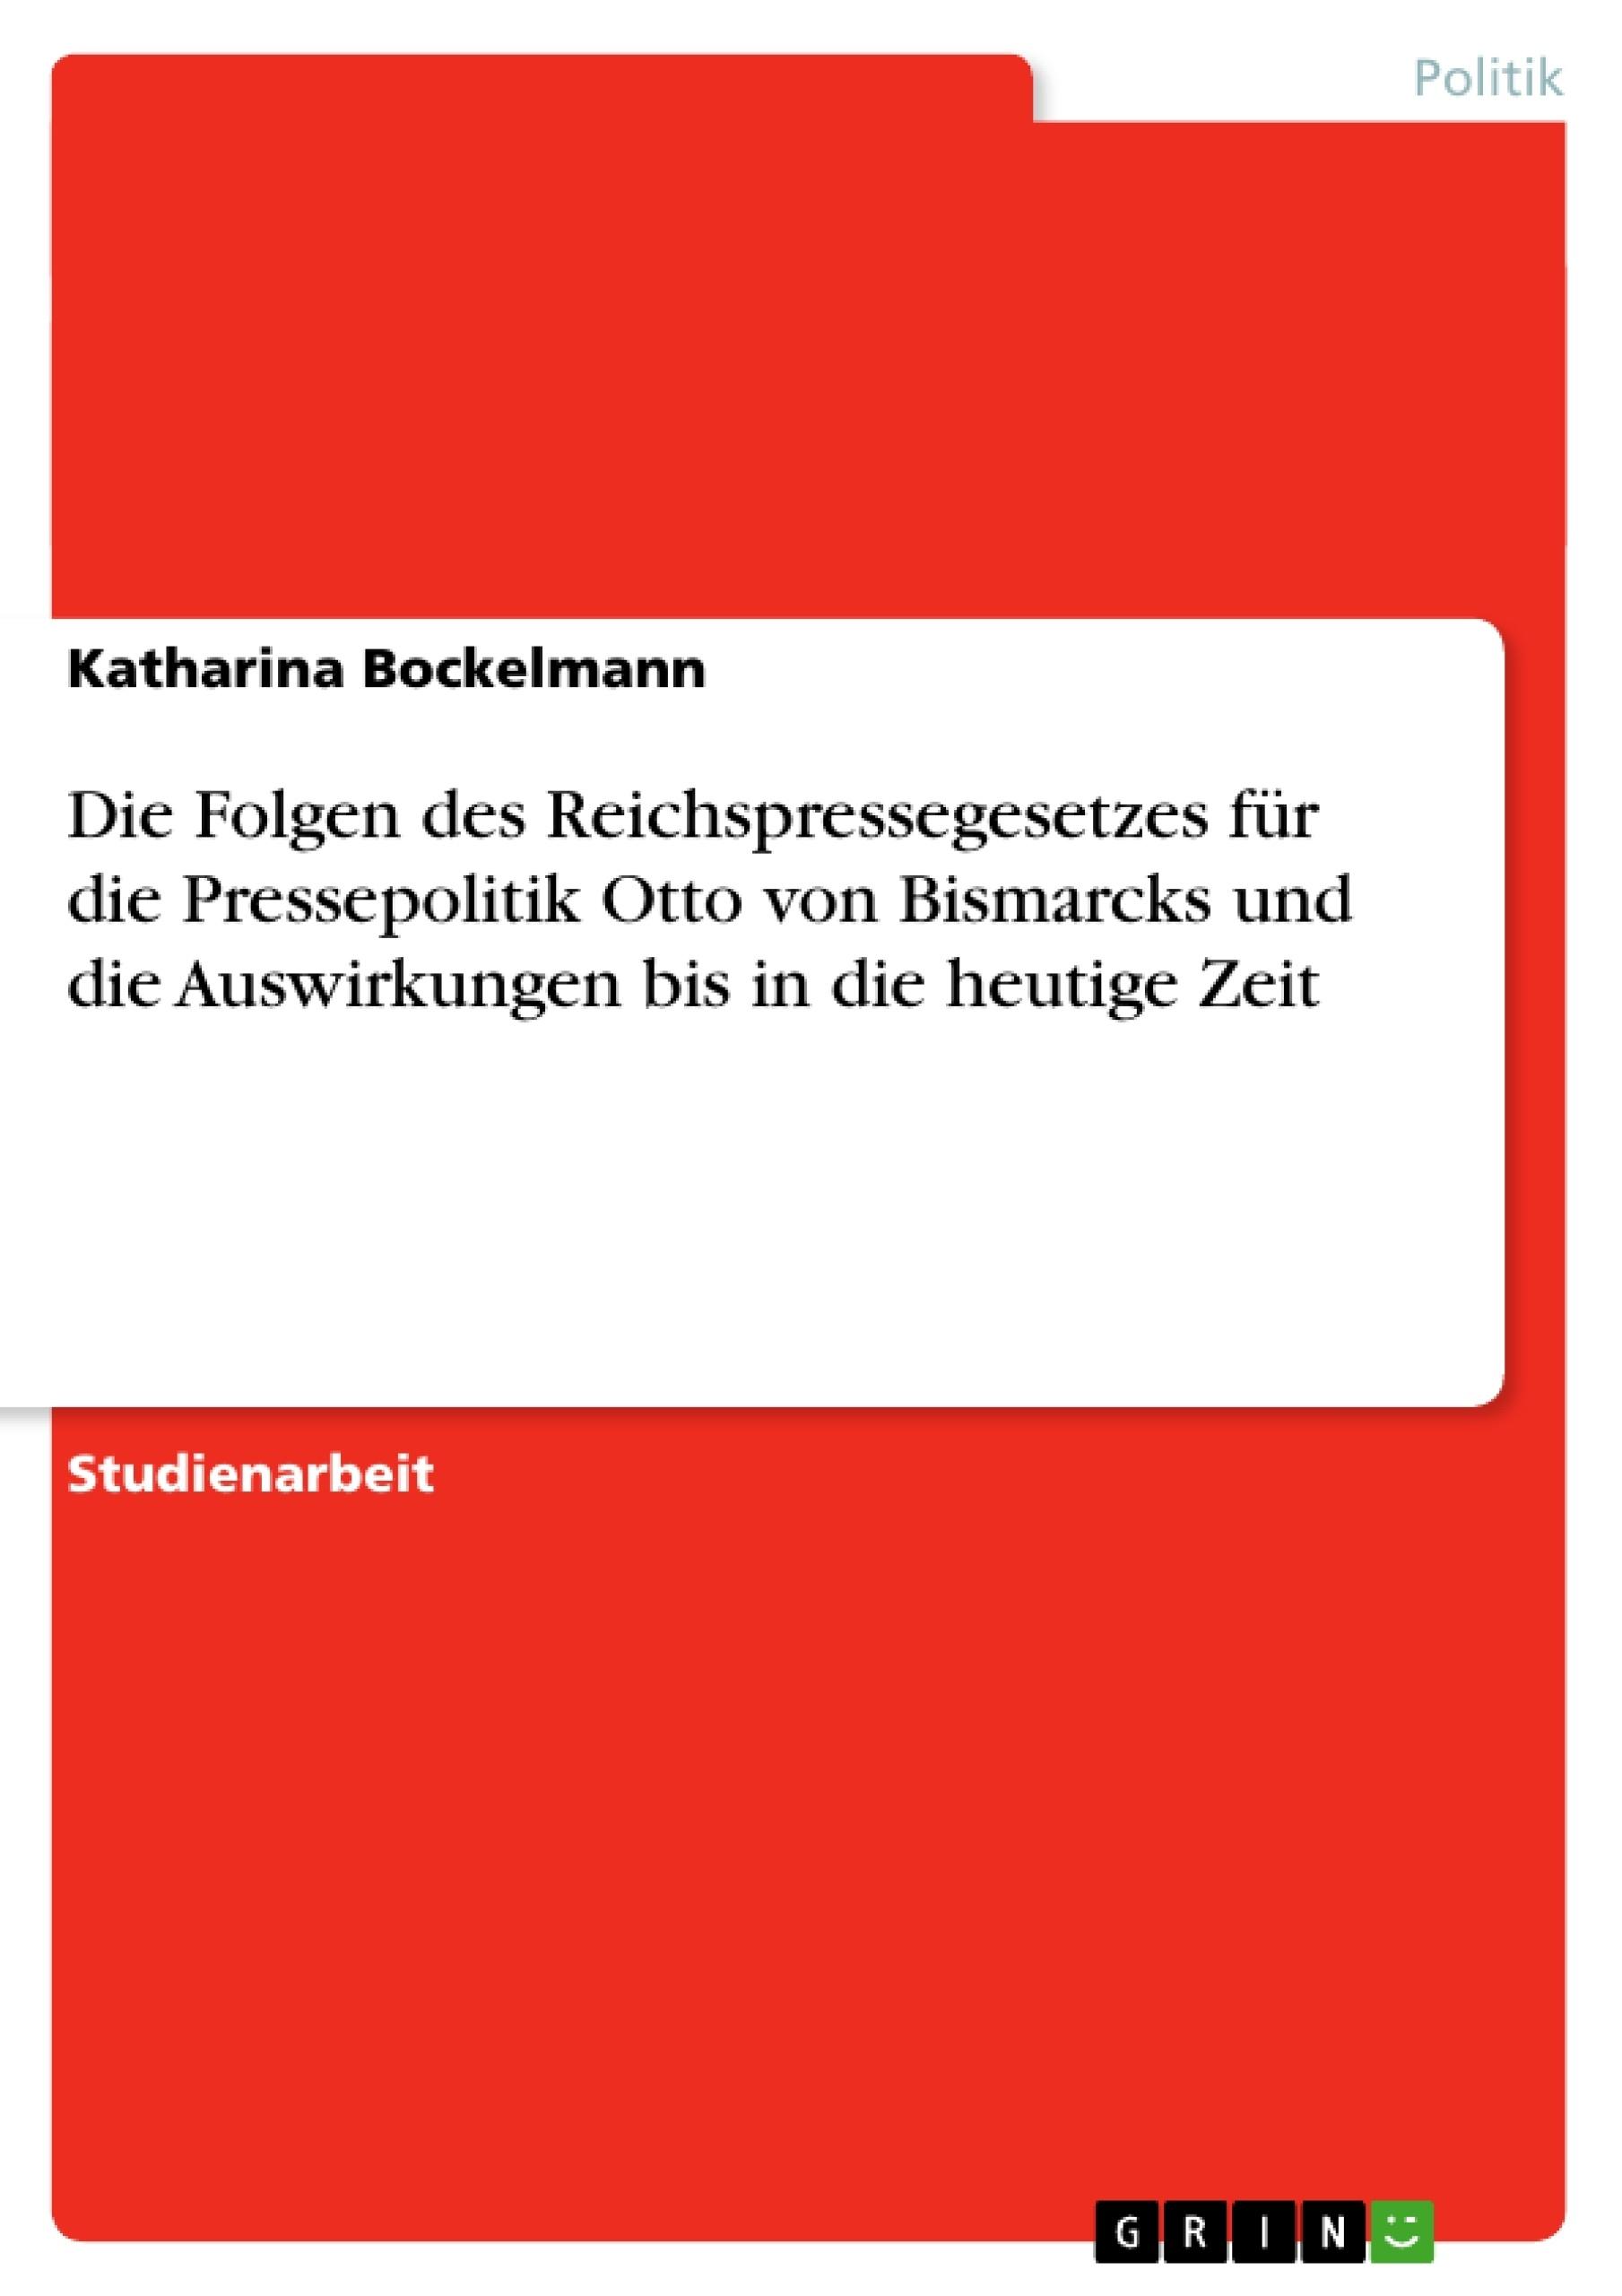 Titel: Die Folgen des Reichspressegesetzes für die Pressepolitik Otto von Bismarcks und die Auswirkungen bis in die heutige Zeit